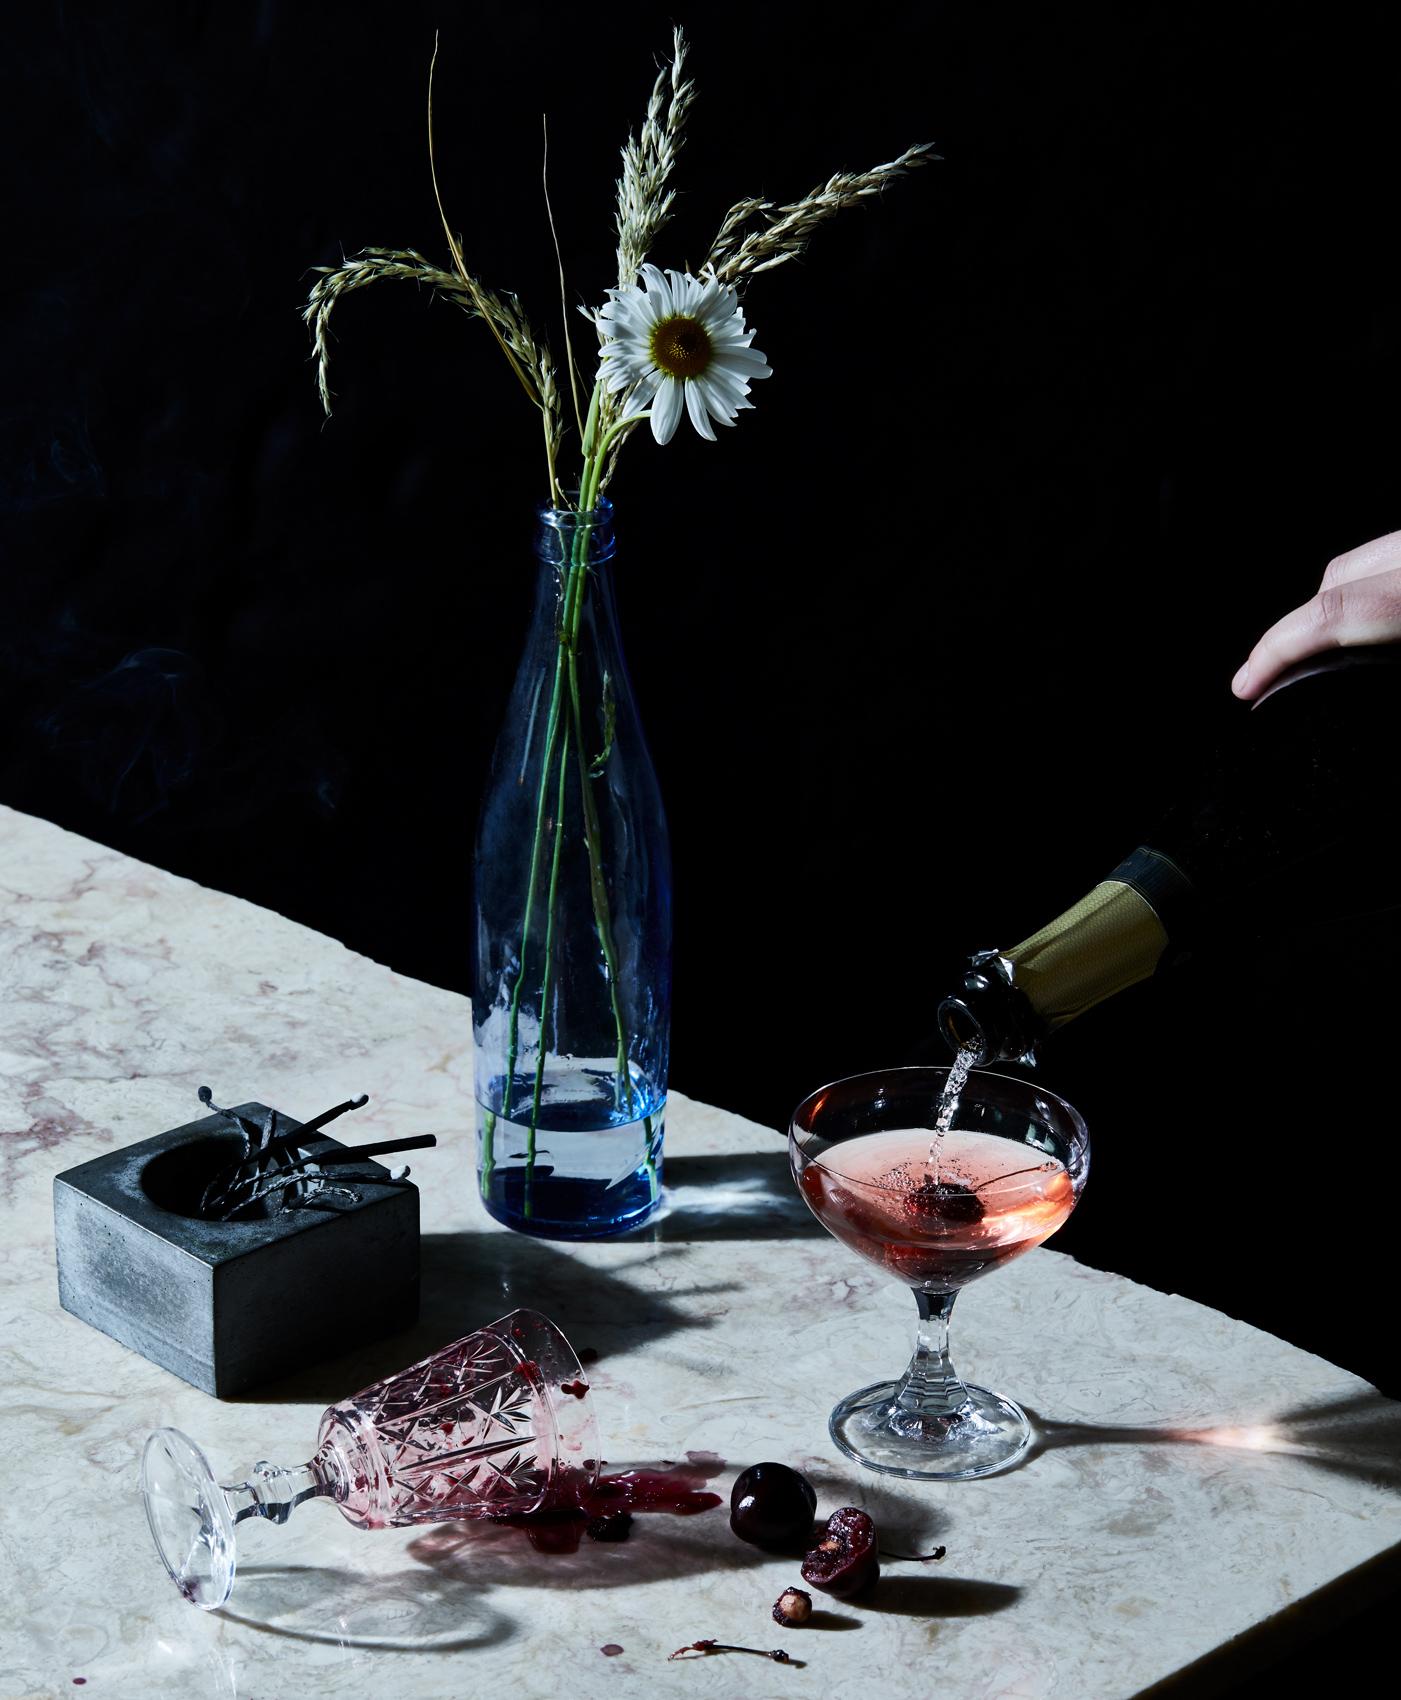 Wine_Pour_Summer_Stills_18_36166b.jpg